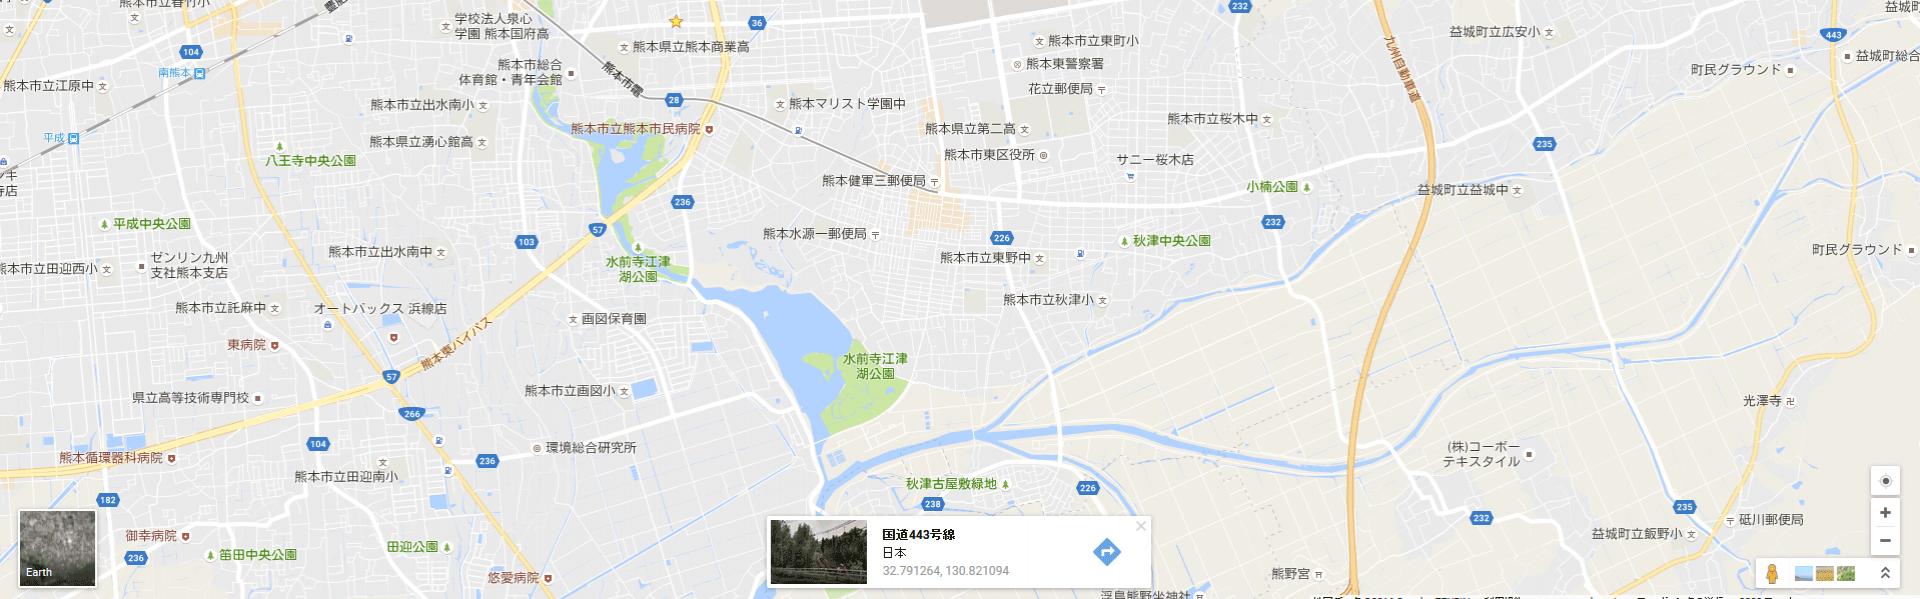 グーグルストリートビュー(インドアビュー)事業部 – (株)オオタ